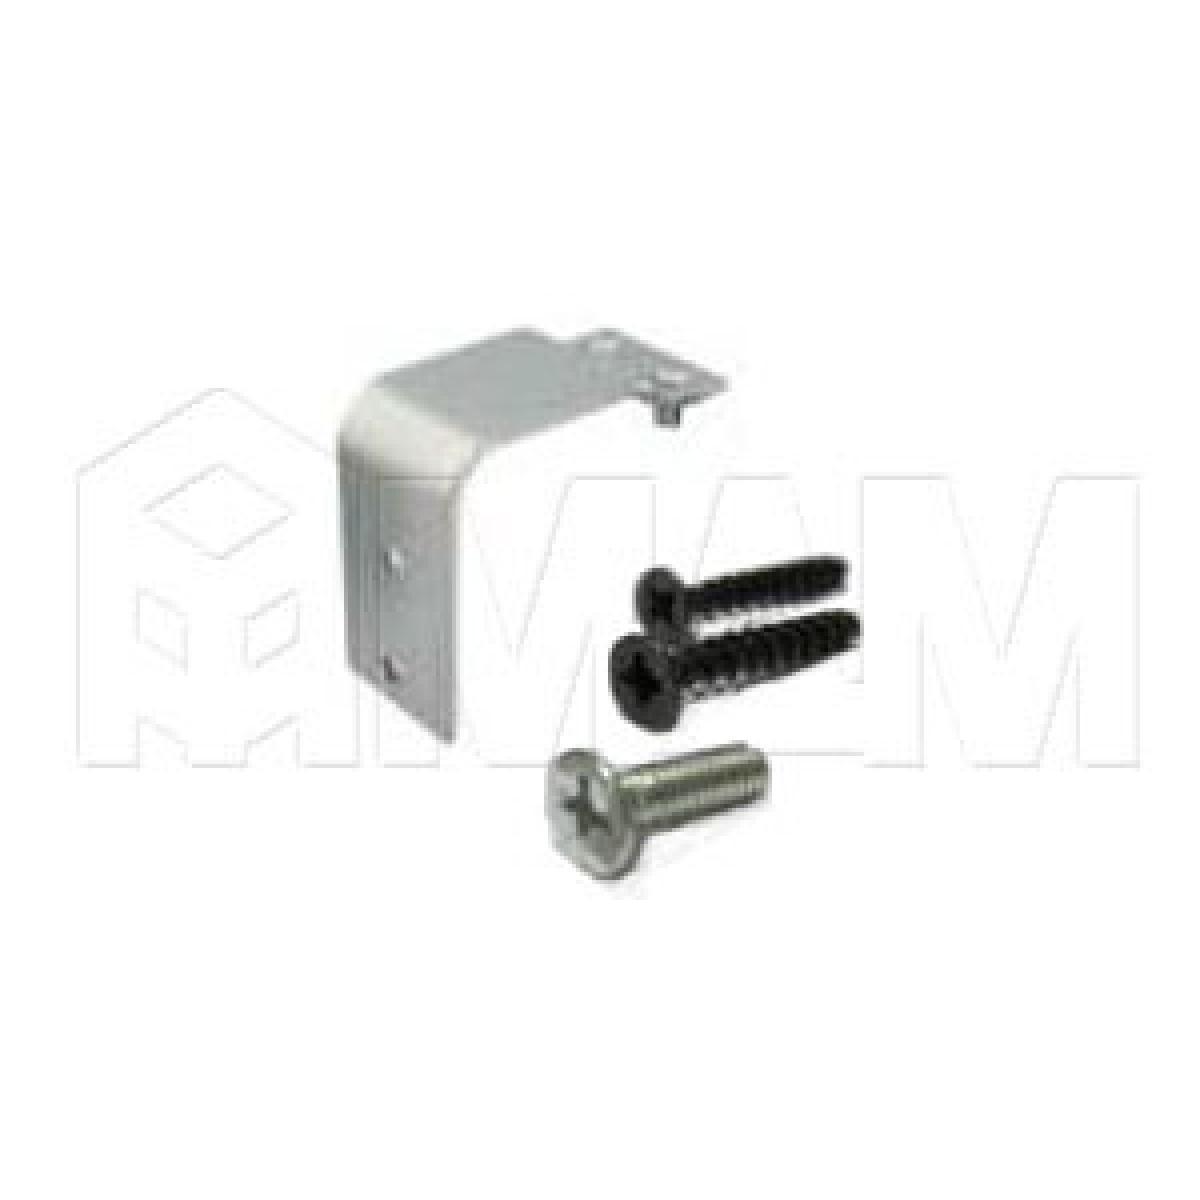 Softspace двухстор. крепление для внешн. двери до 23 мм + компл. винтов и саморезов